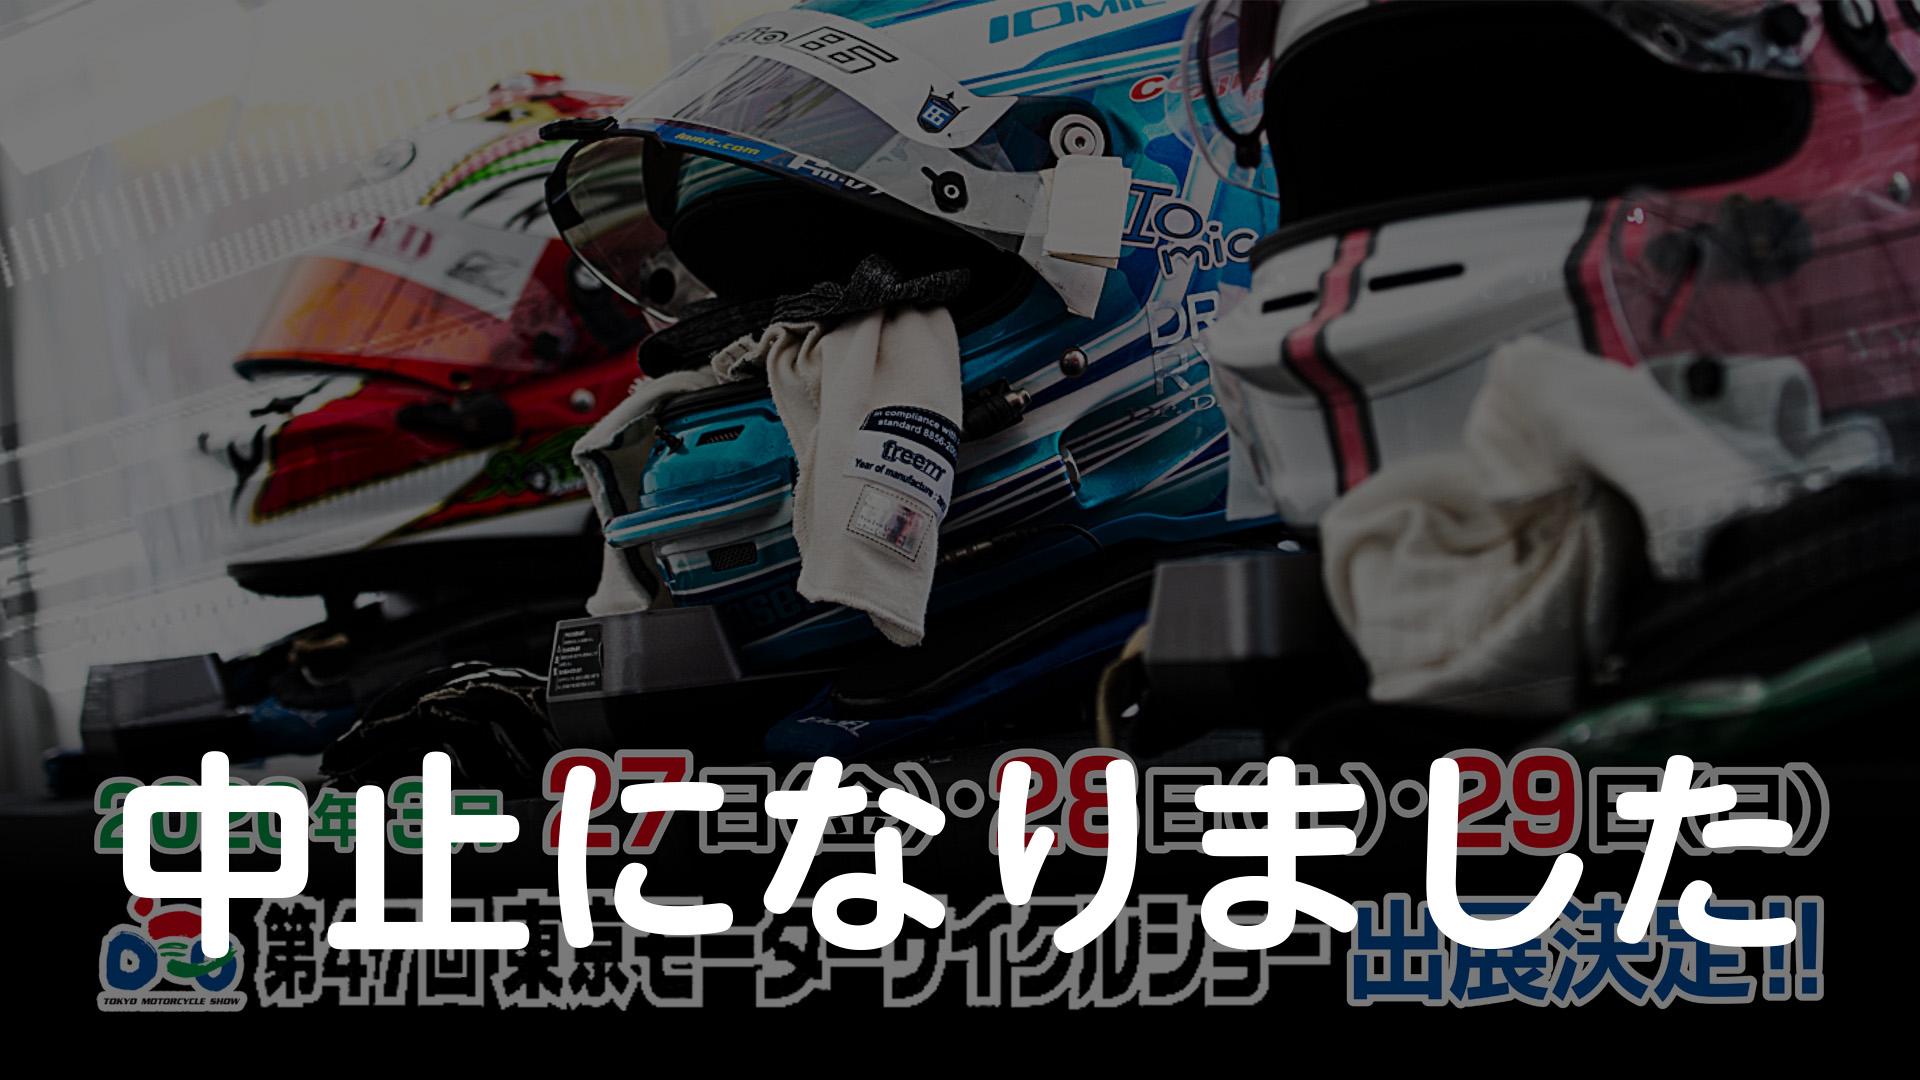 東京モーターサイクルショーに出展